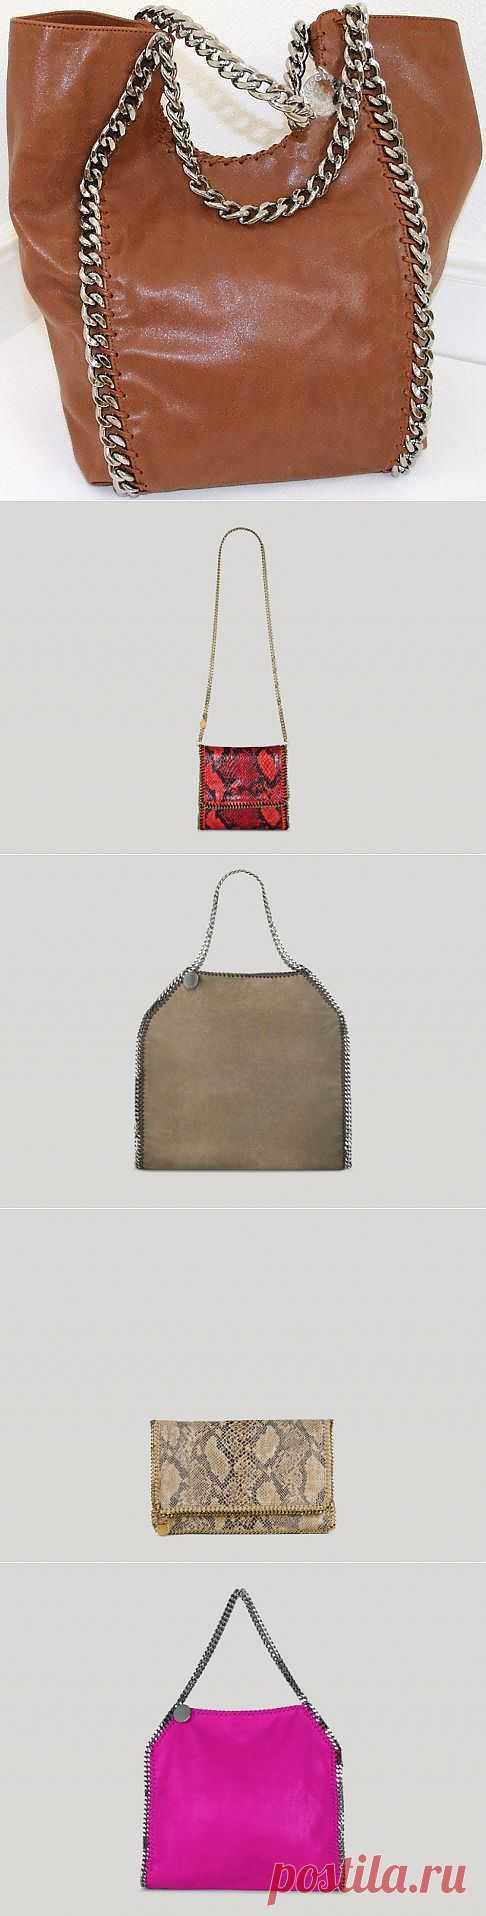 Сумки с цепями от Stella Mccartney (трафик) / Сумки, клатчи, чемоданы / Модный сайт о стильной переделке одежды и интерьера